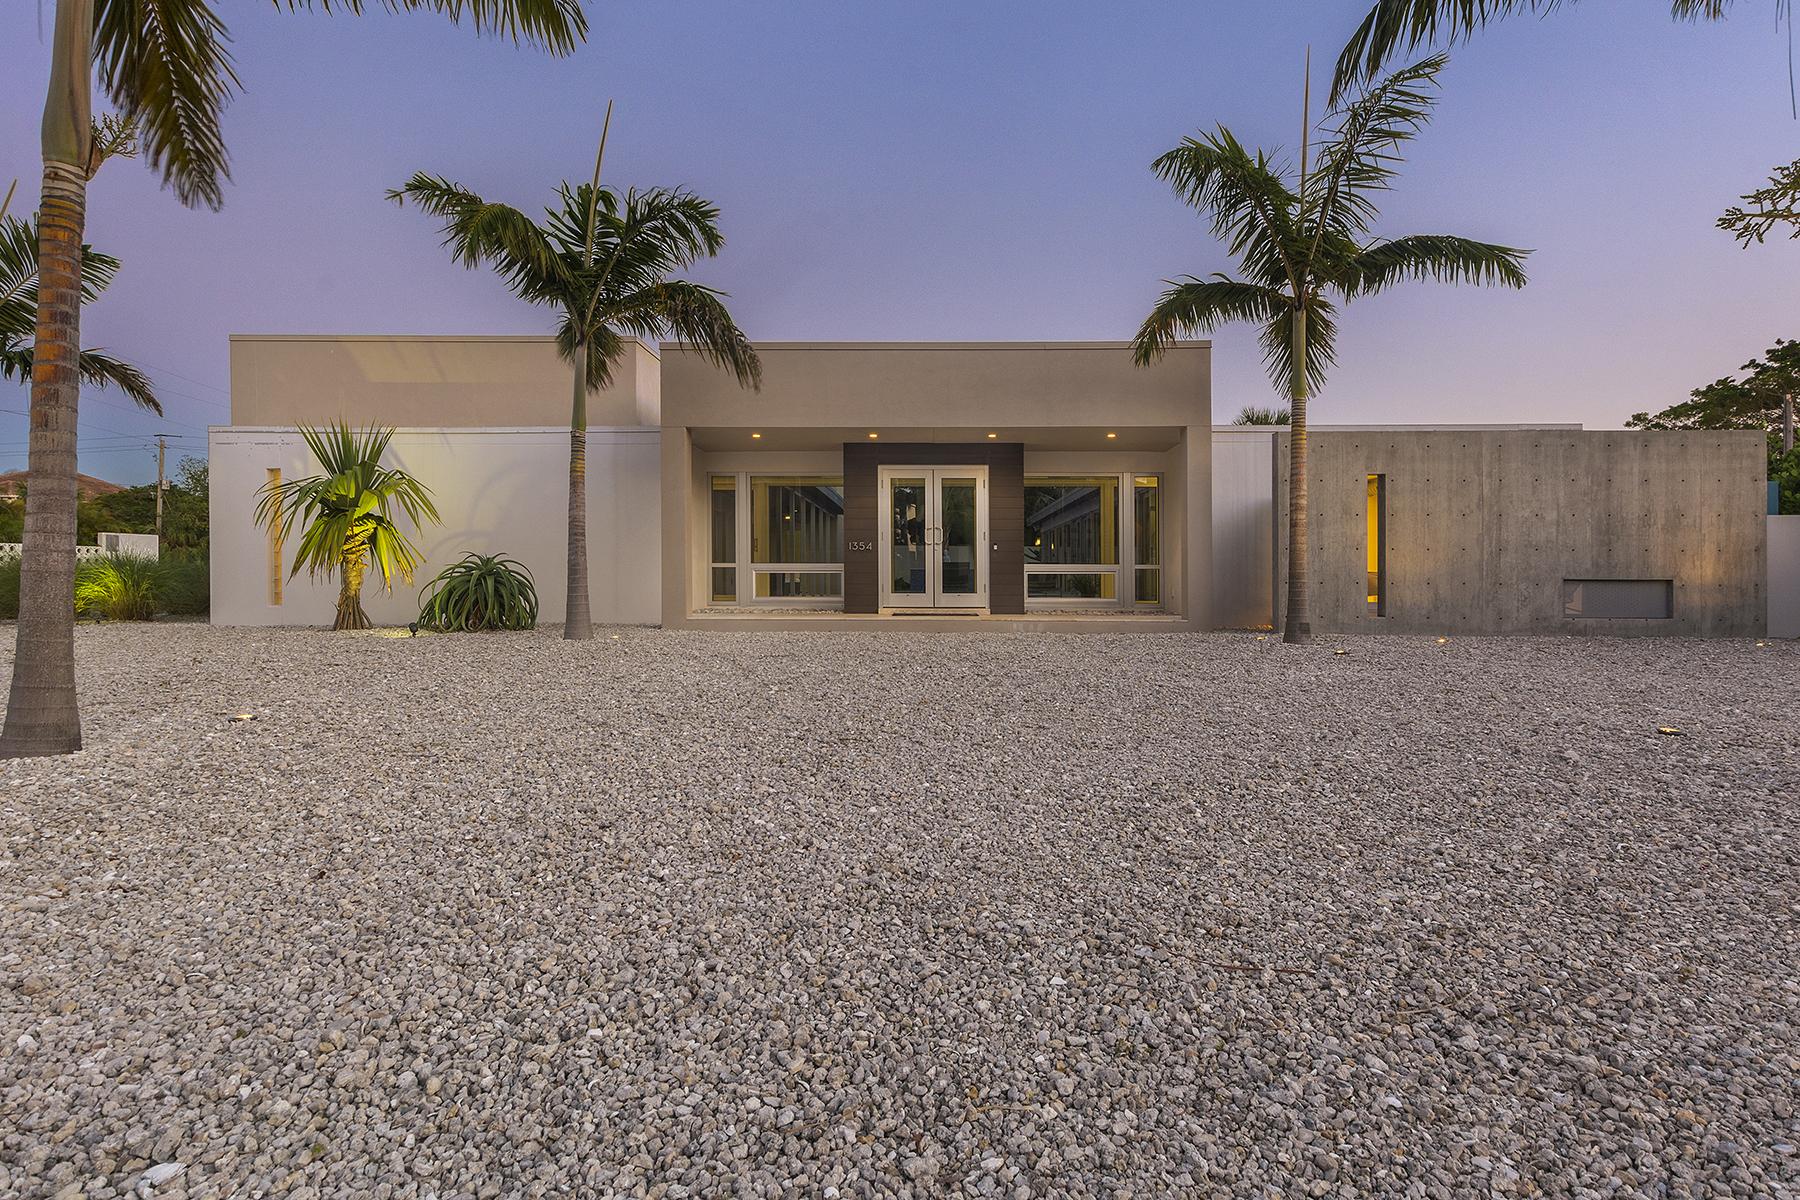 一戸建て のために 売買 アット LIDO SHORES 1354 Westway Dr, Sarasota, フロリダ, 34236 アメリカ合衆国